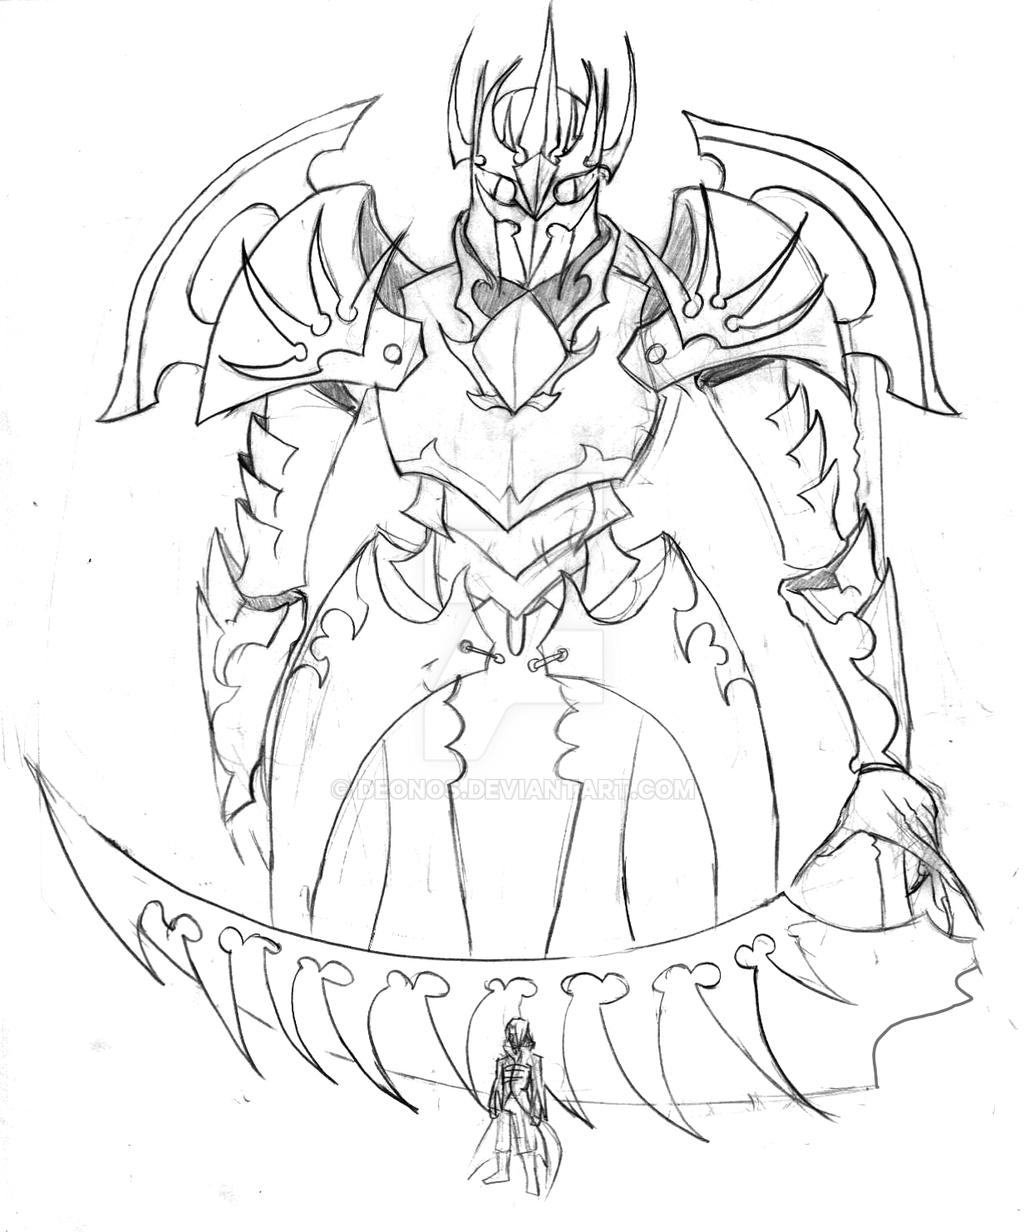 hades symbol coloring pages | Summon - 'Hades' by Deonos on DeviantArt